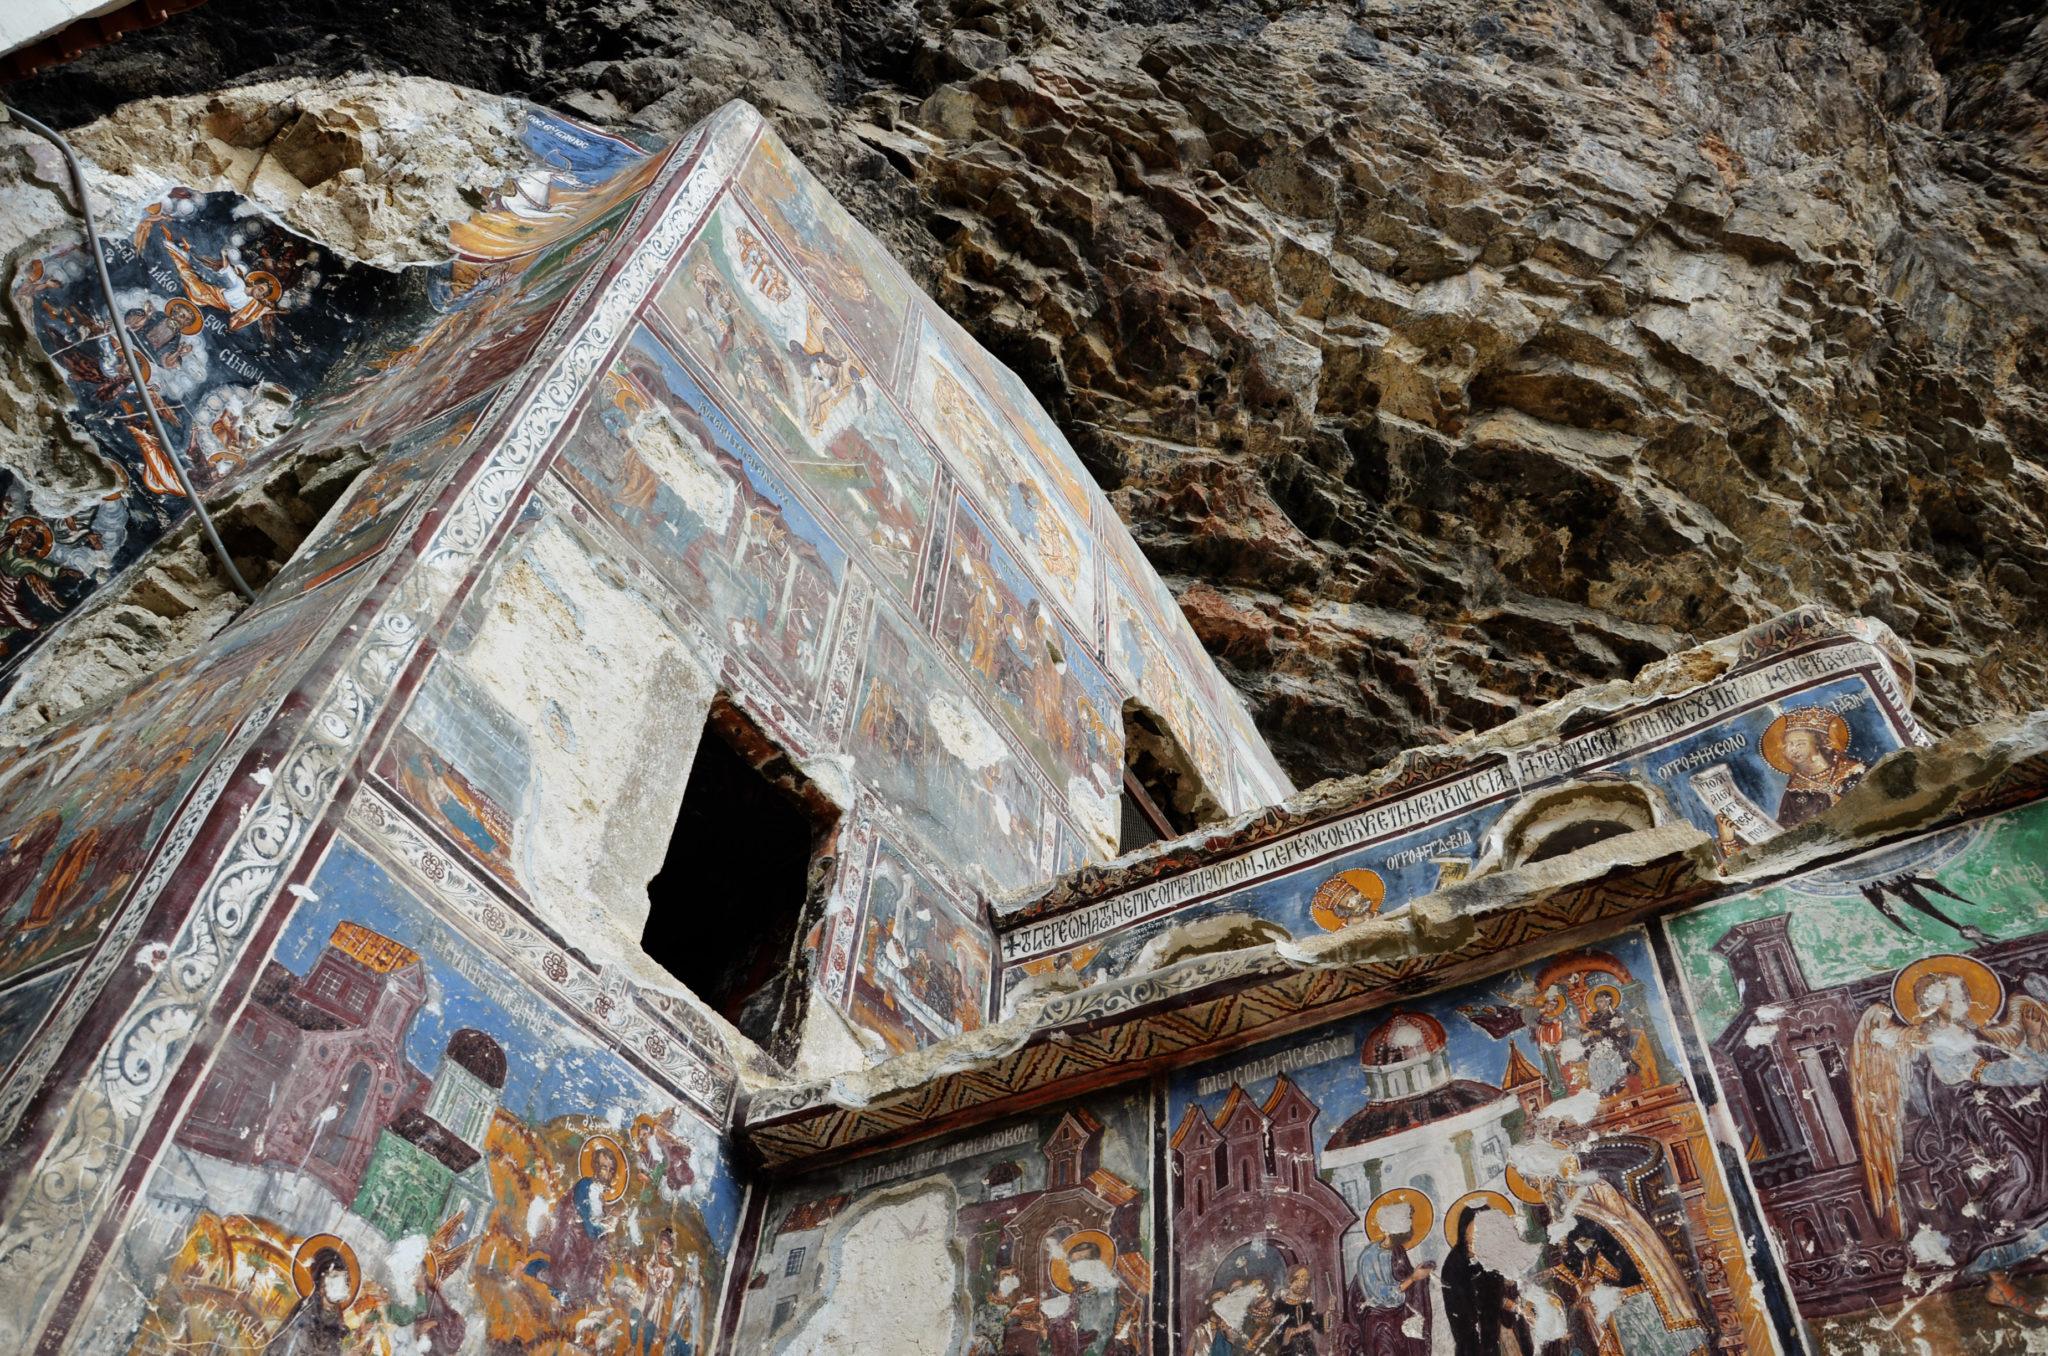 Kloster-Sumela-Kloster-mit-Malereien